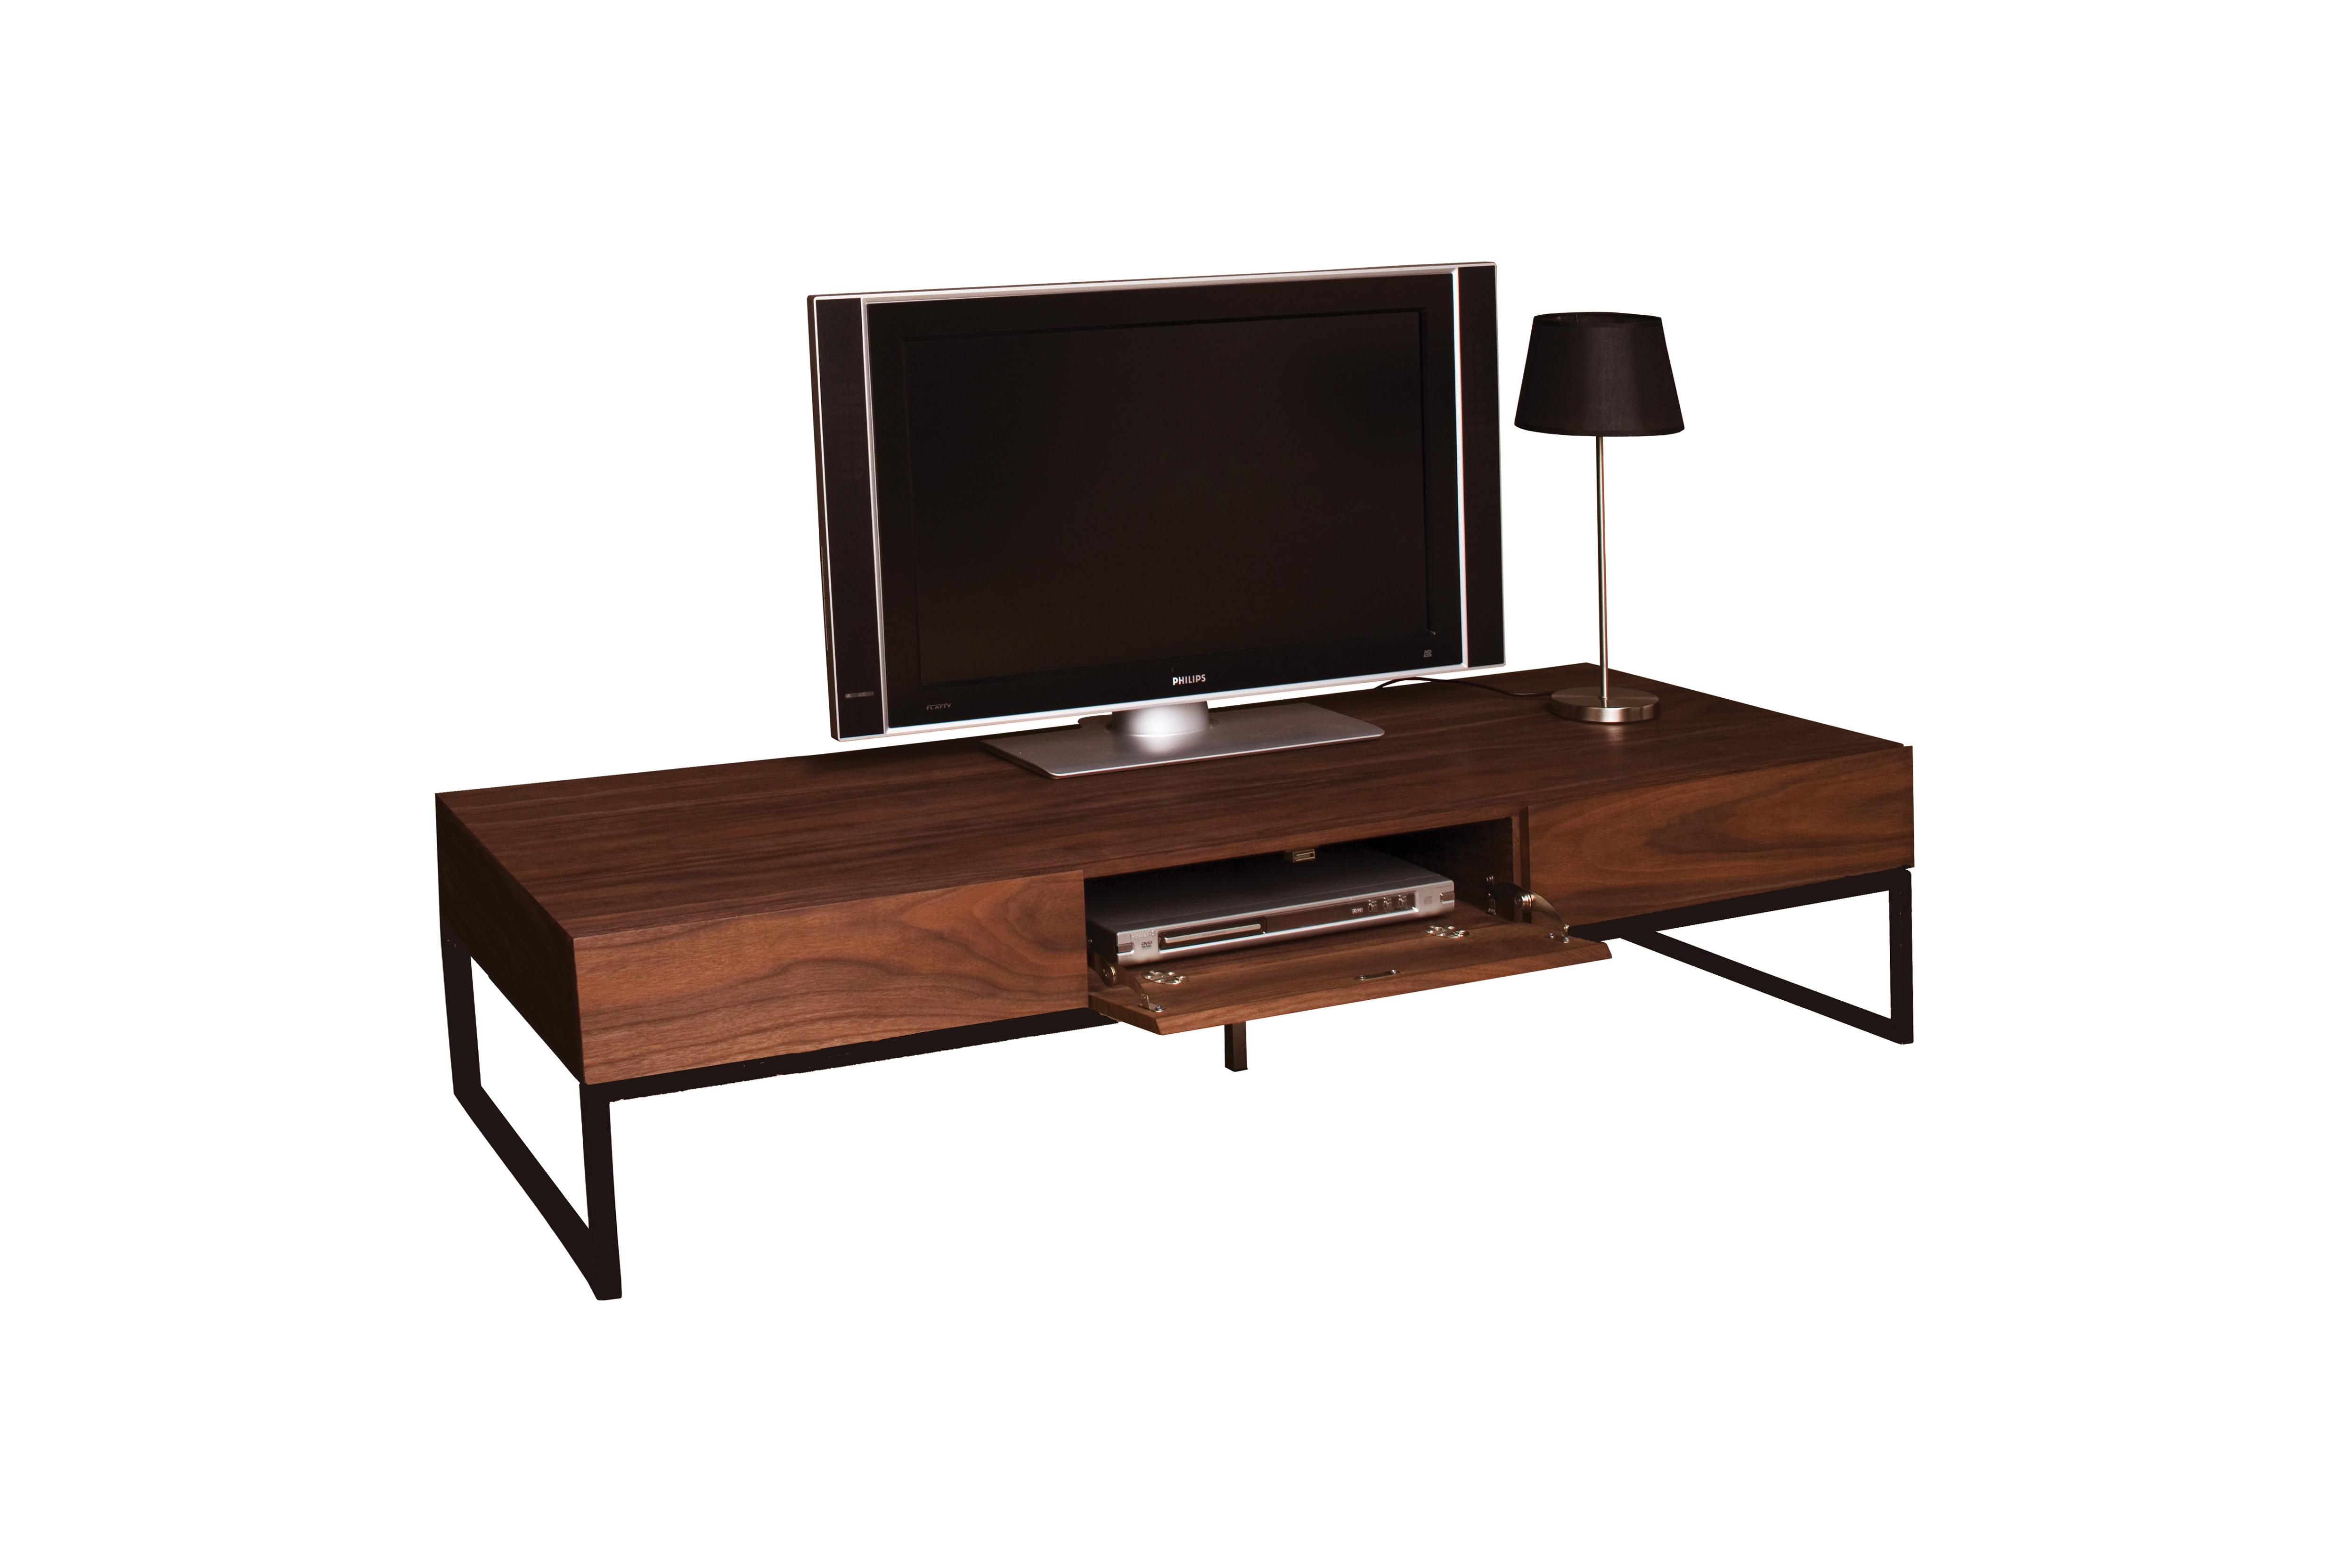 Fbm kessel tv meubel 24 collectie kasten tafels bedden fauteuils